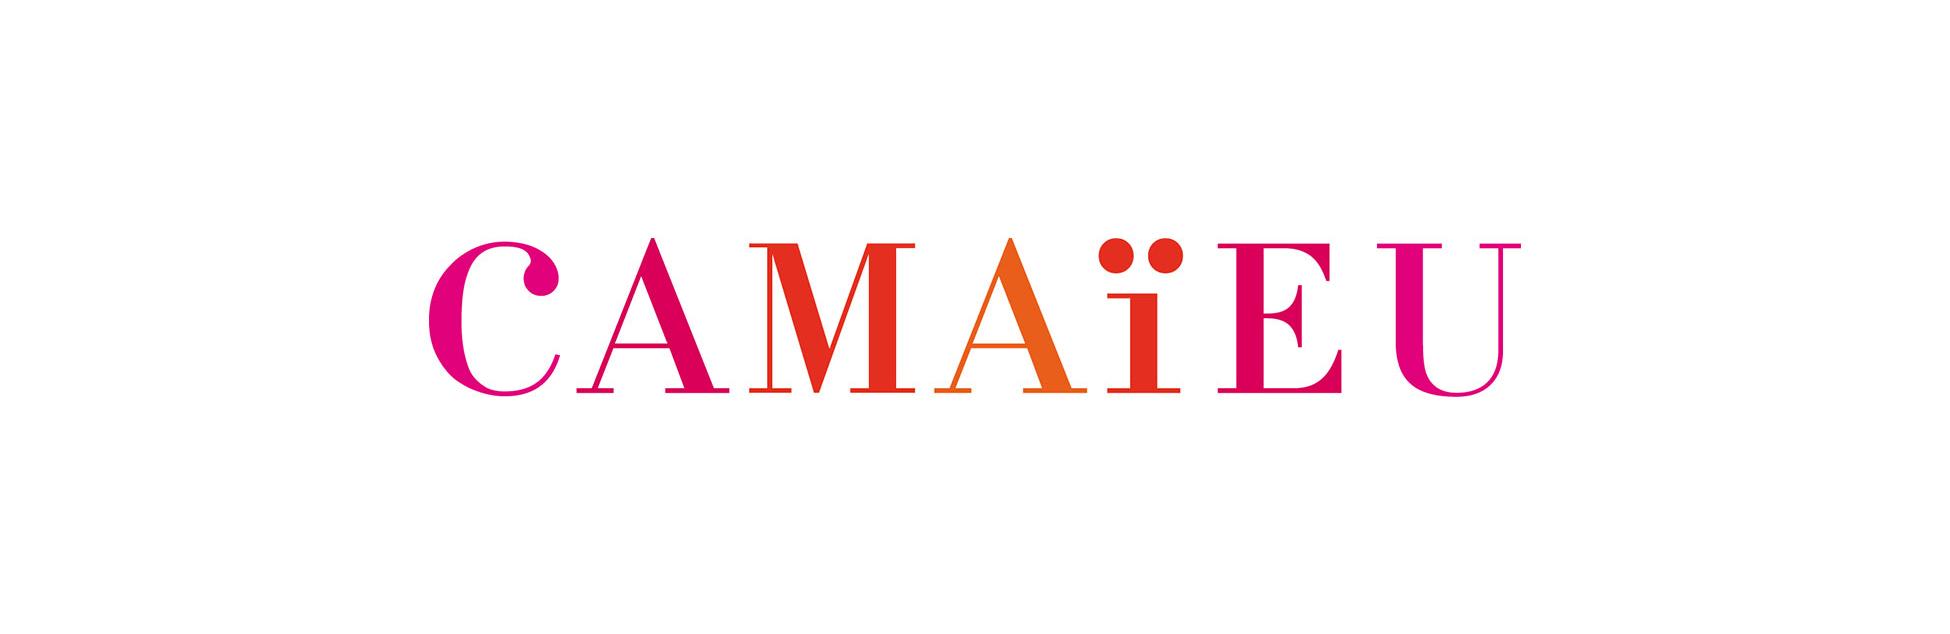 Un nouveau logo pour la marque Camaïeu qui prend des